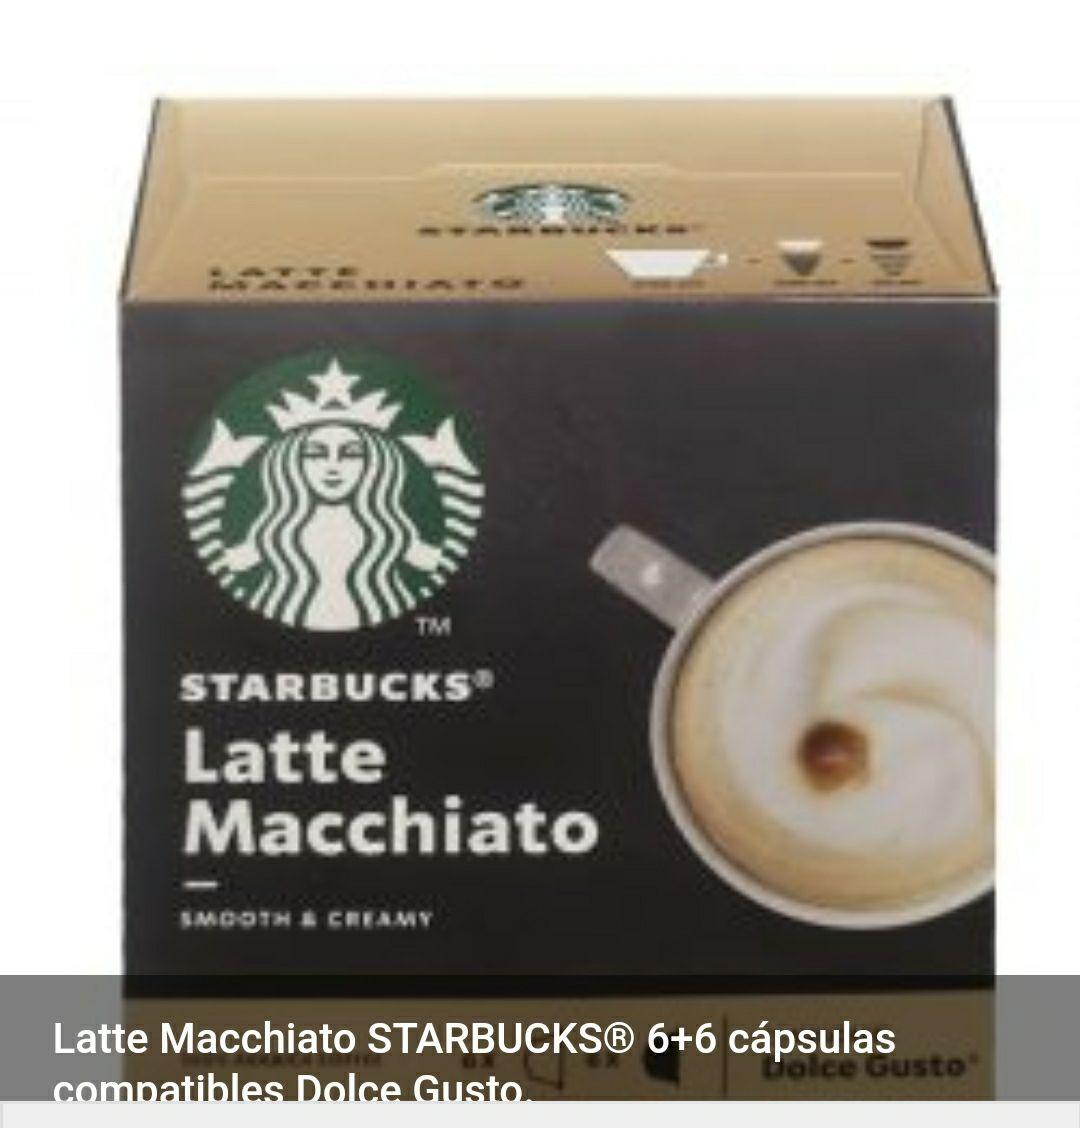 Capsulas Dolce Gusto latte macchiato Starbucks